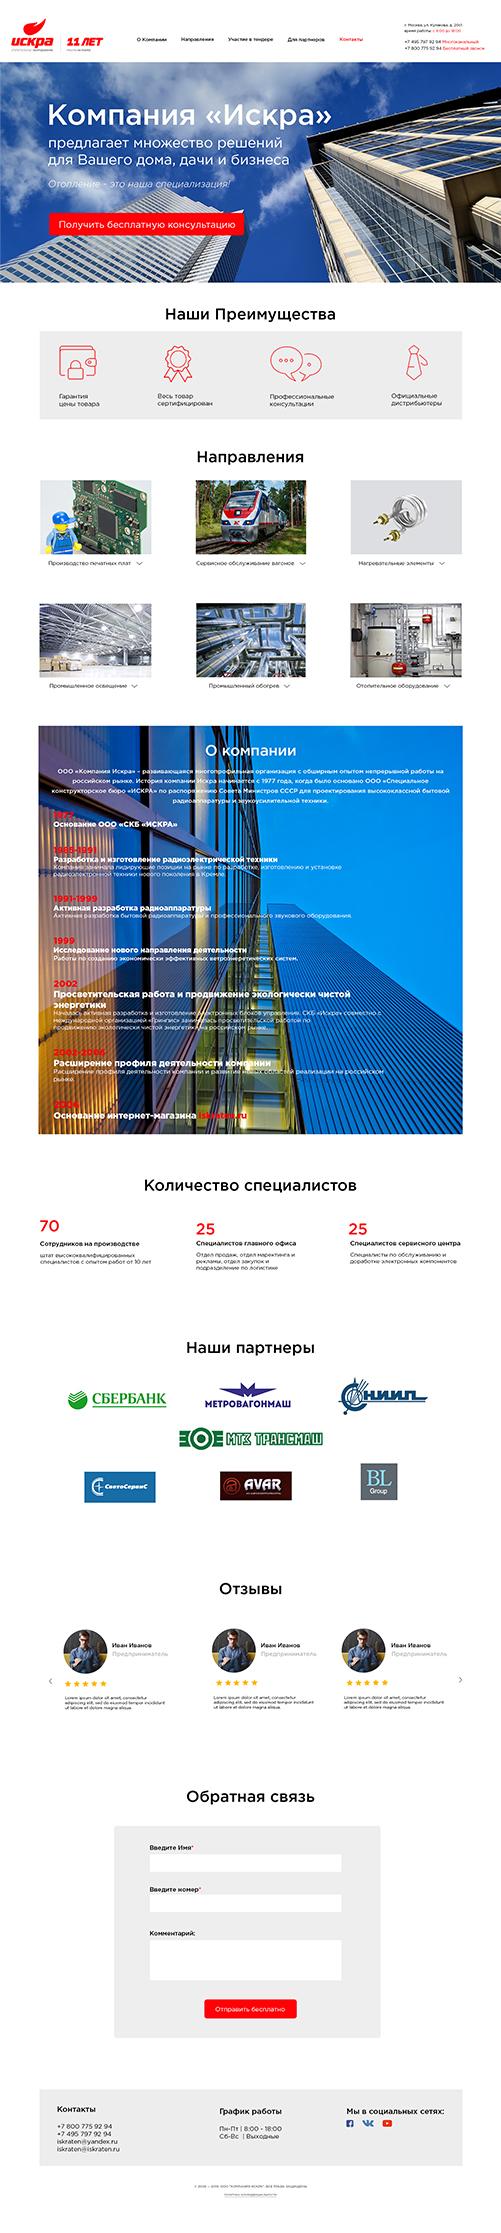 Дизайн сайта-визитки компании фото f_6135d25f7578912f.jpg